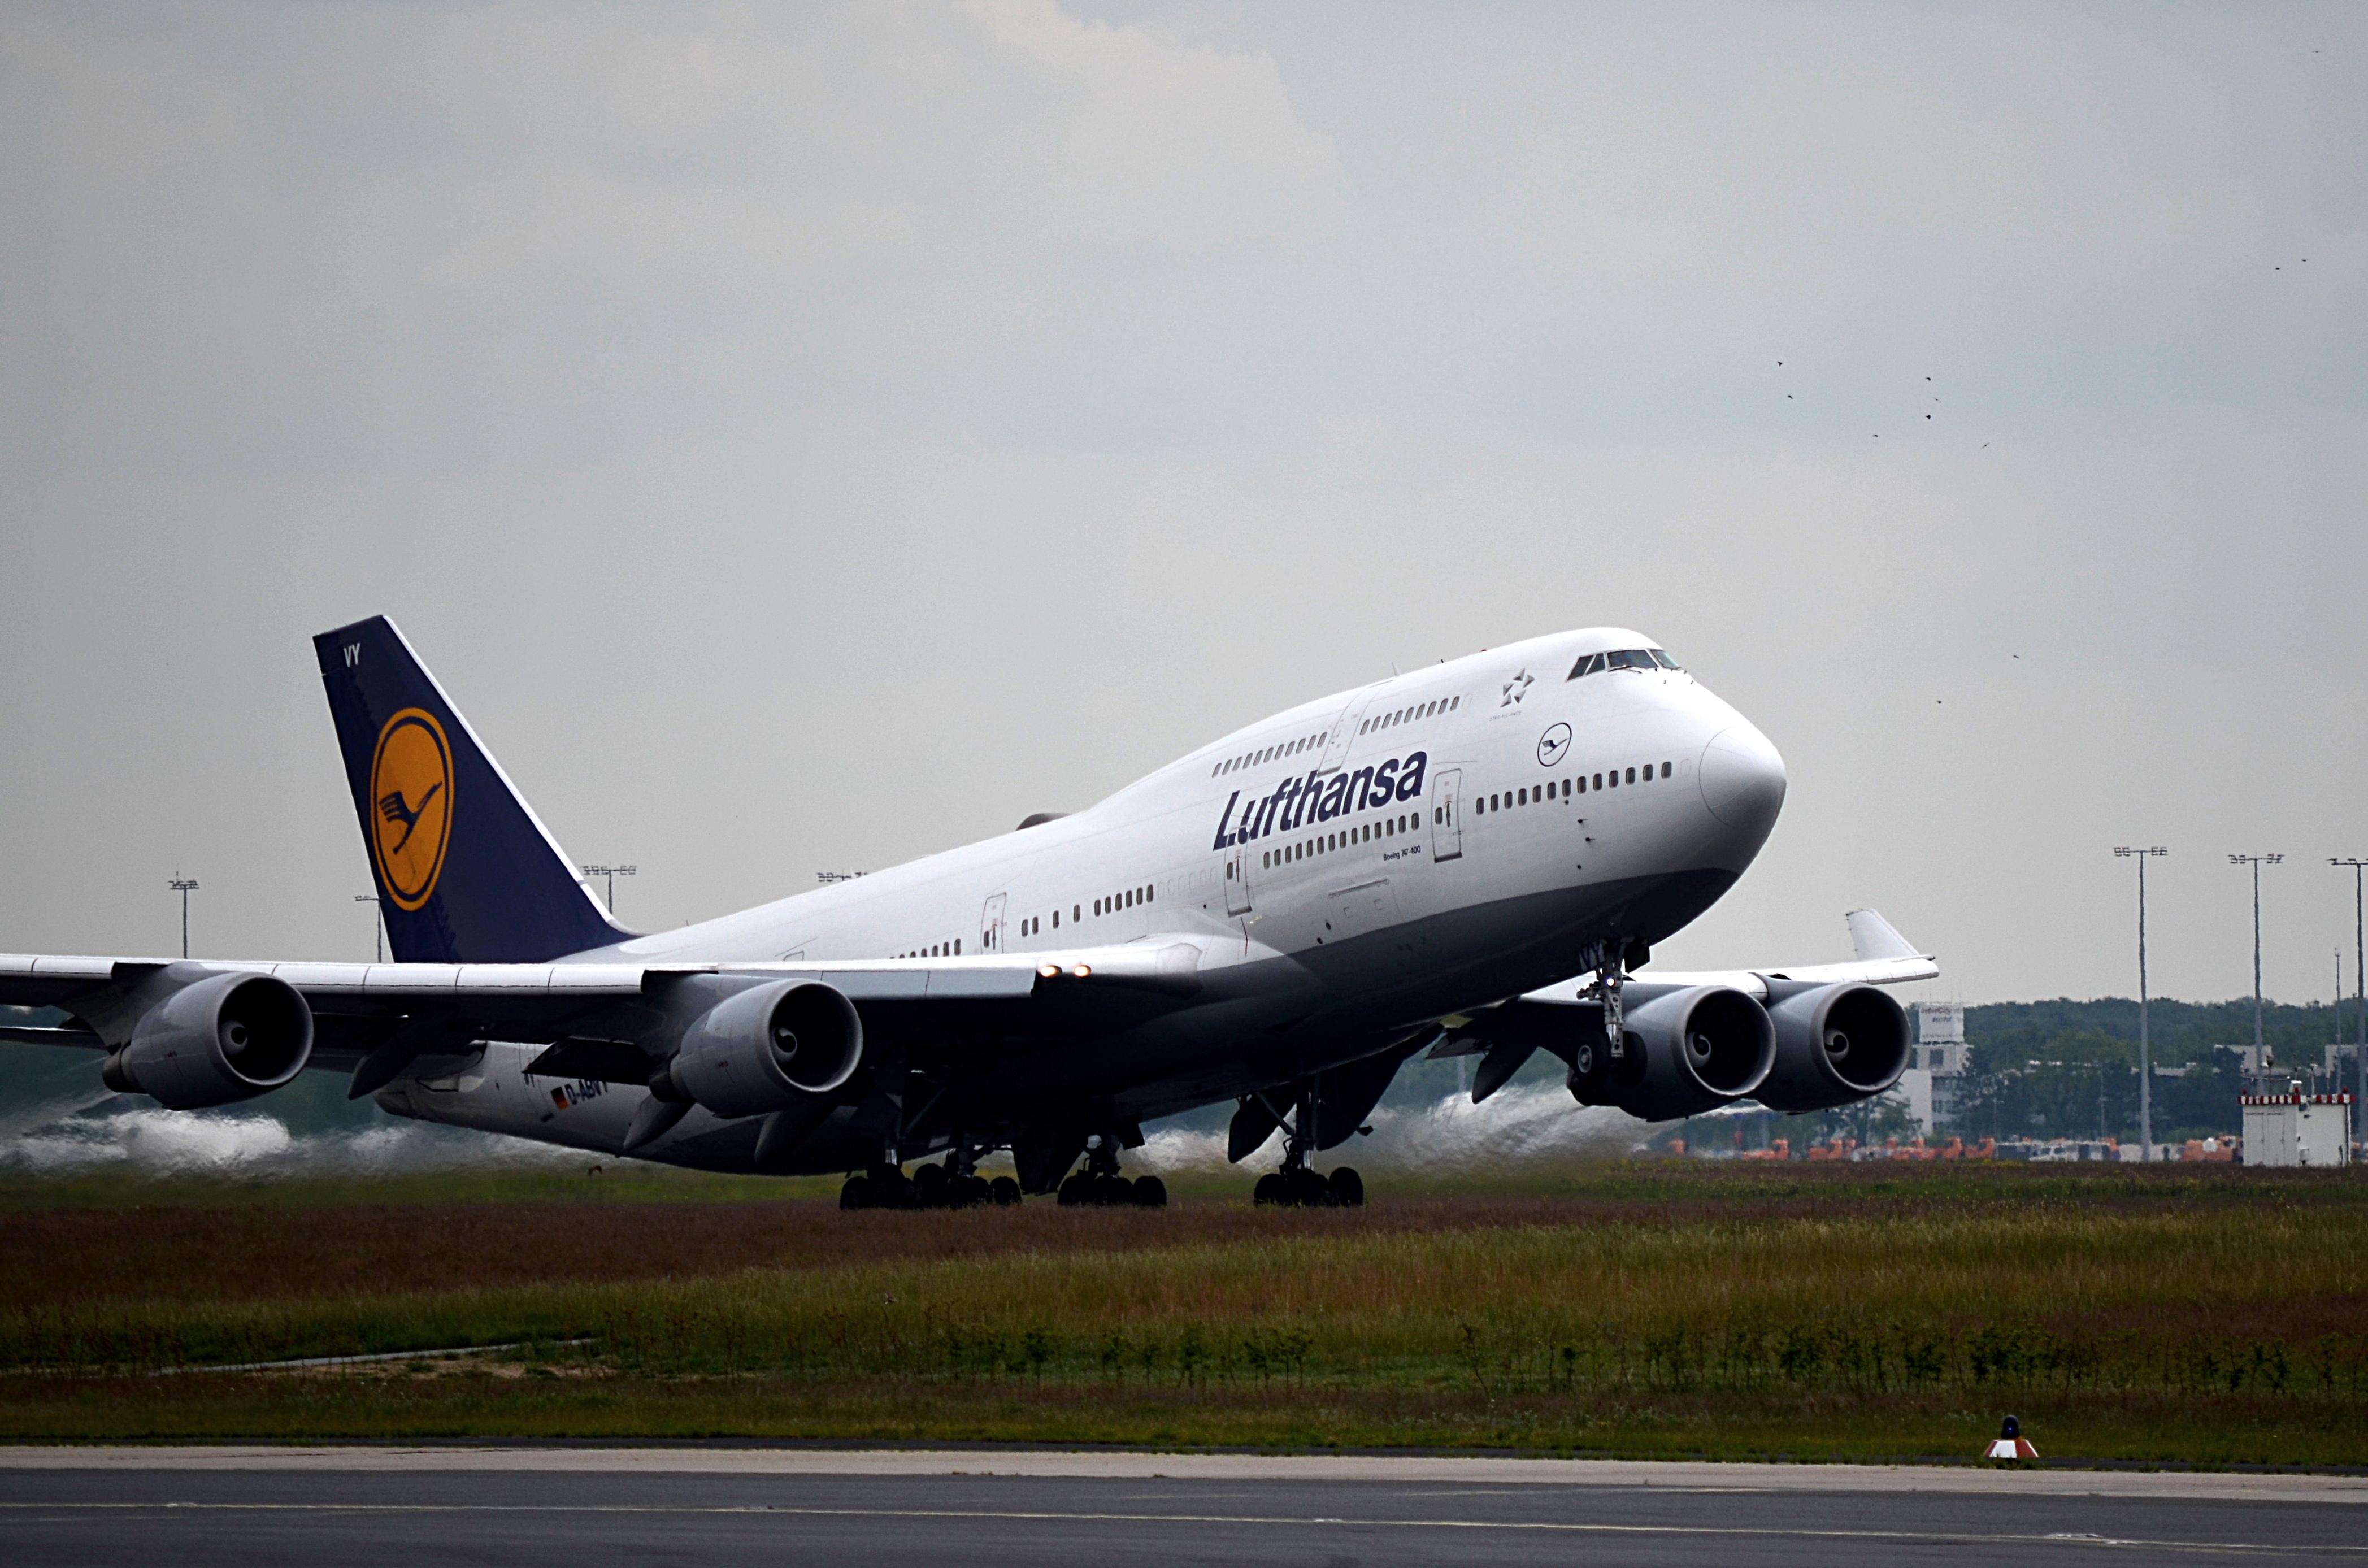 Eine Boing 747 hebt ab Richtung Nordamerika. Frankfurt ist der wichtigste Flughafen für Interkontinentalflüge der Lufthansa.